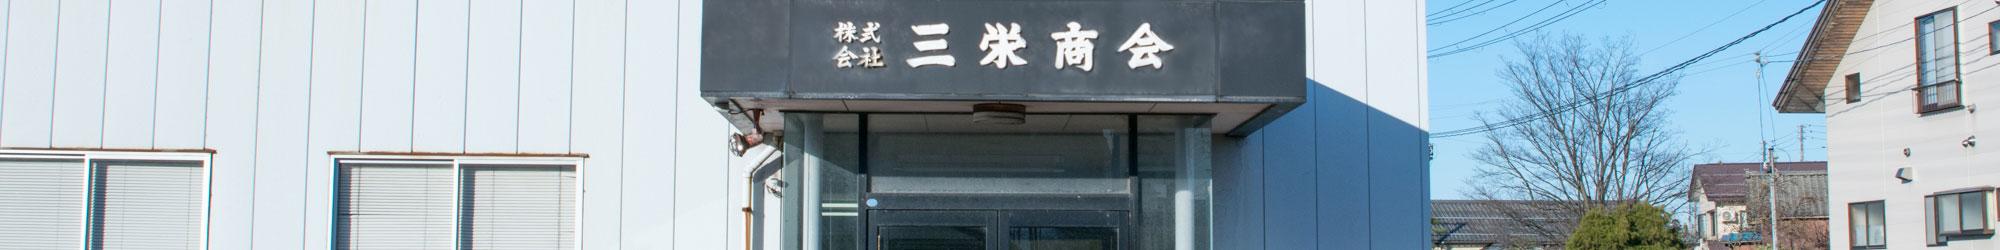 三栄商会 会社案内